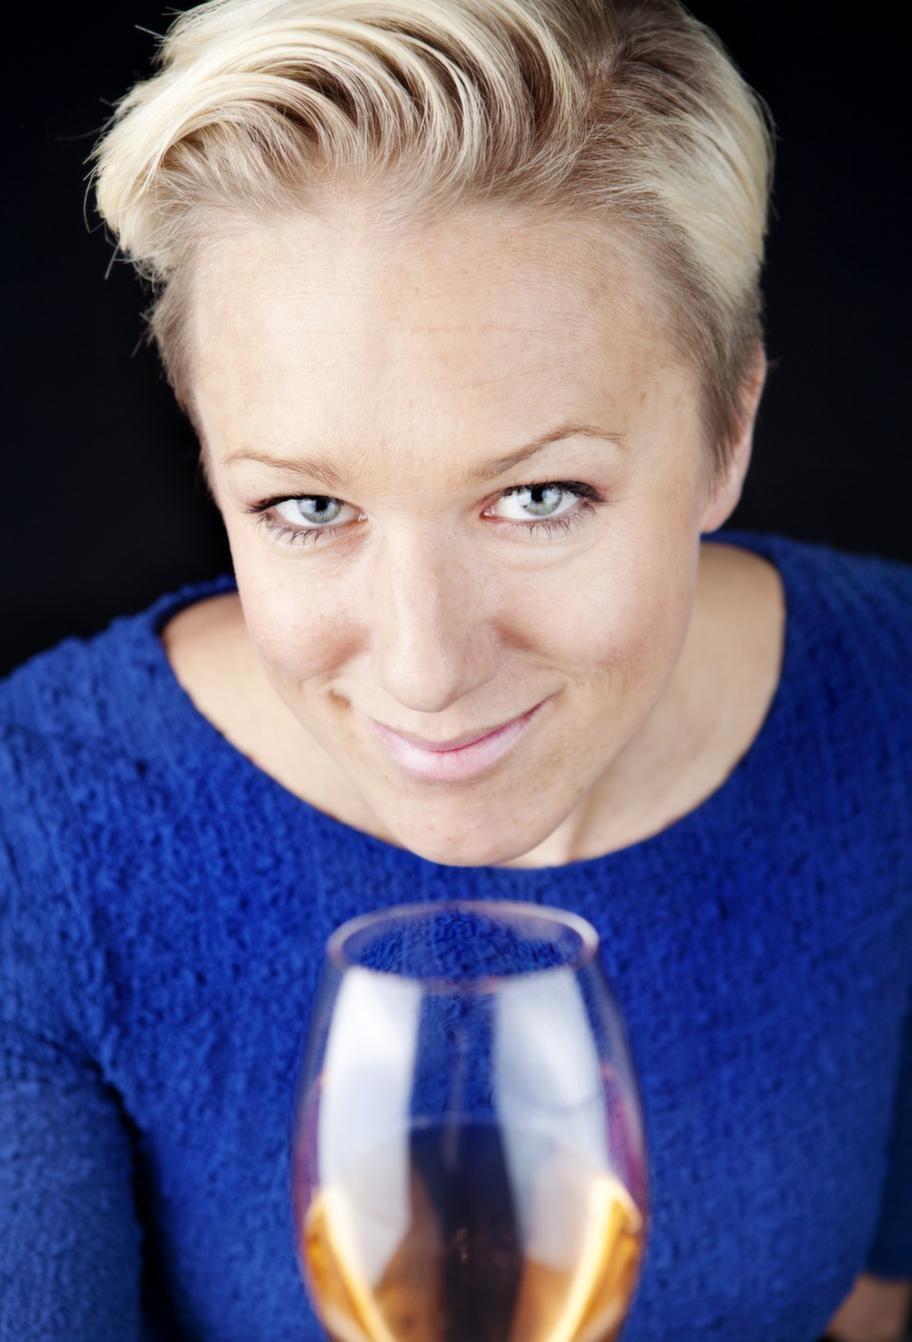 Kajsa Bergqvist, 35, vinimportör och föreläsare. Utbildad sommelier.